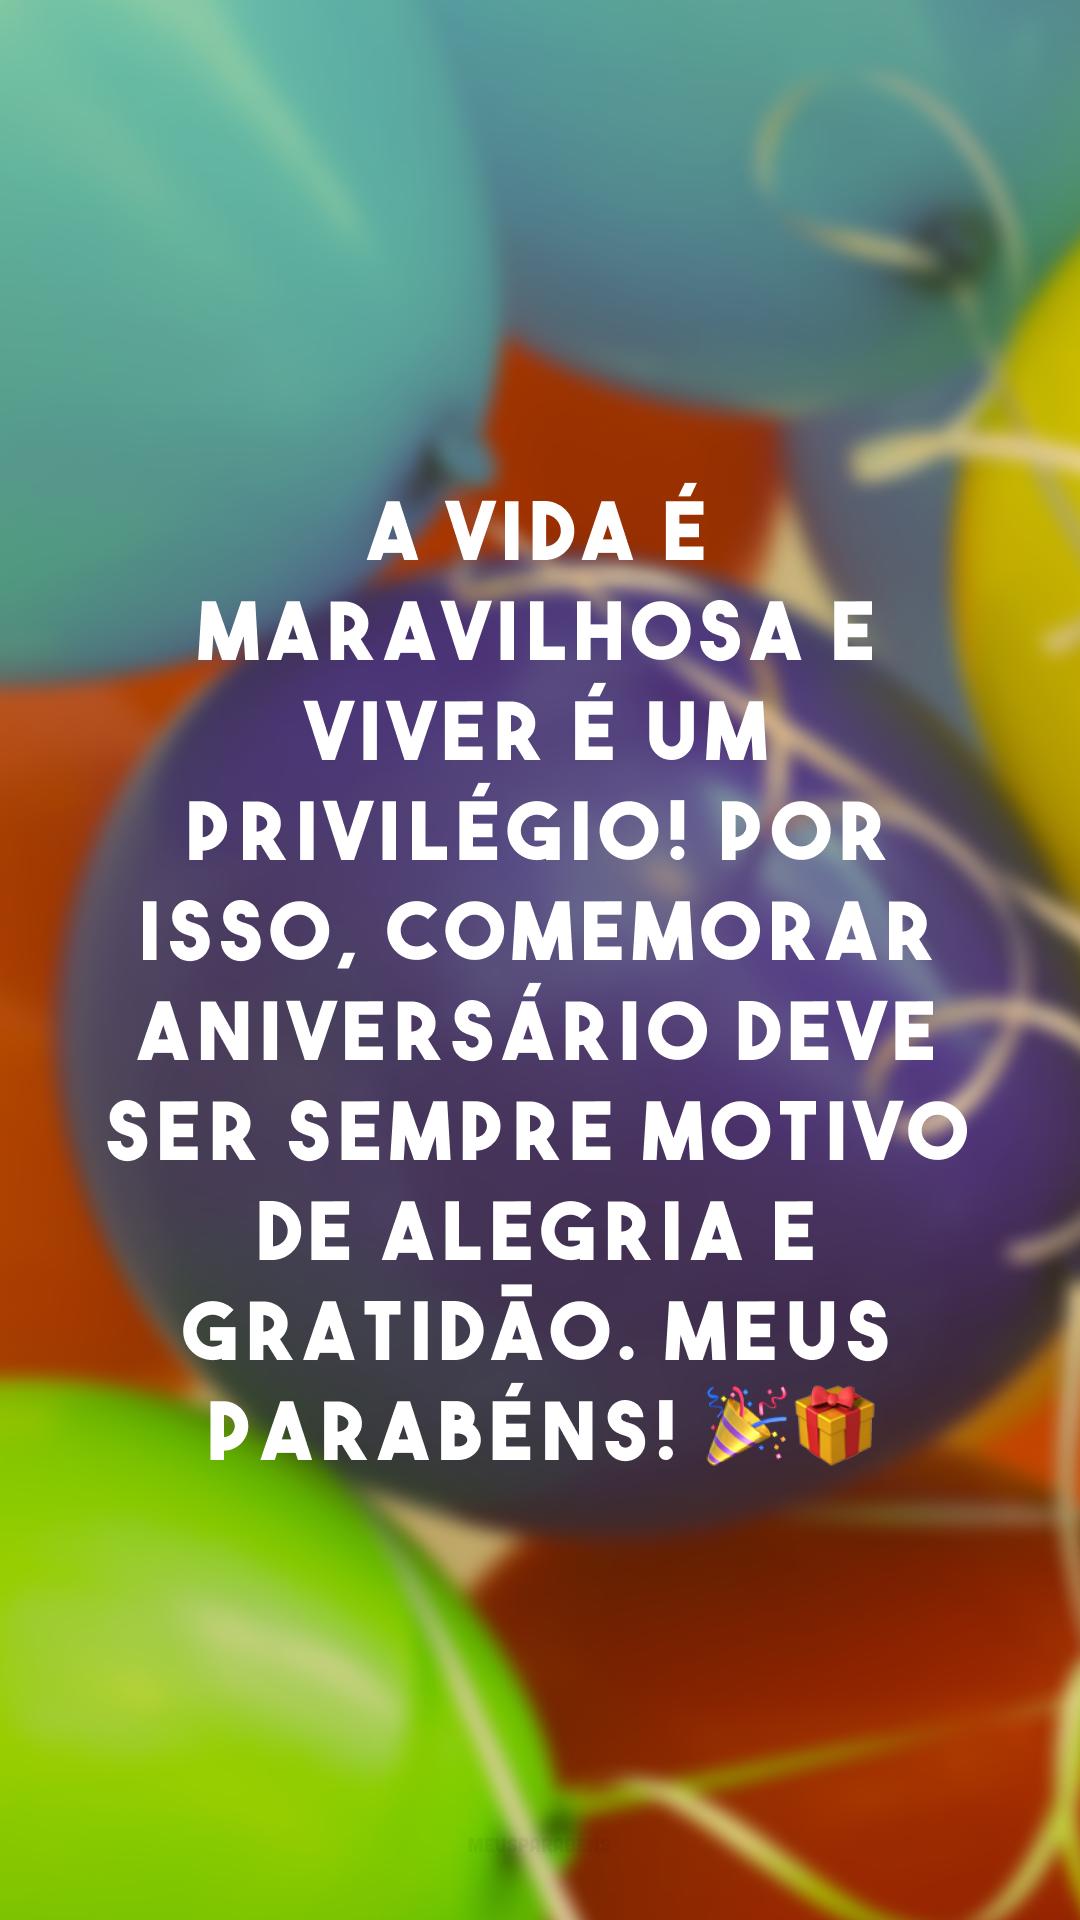 A vida é maravilhosa e viver é um privilégio! Por isso, comemorar aniversário deve ser sempre motivo de alegria e gratidão. Meus parabéns! 🎉🎁